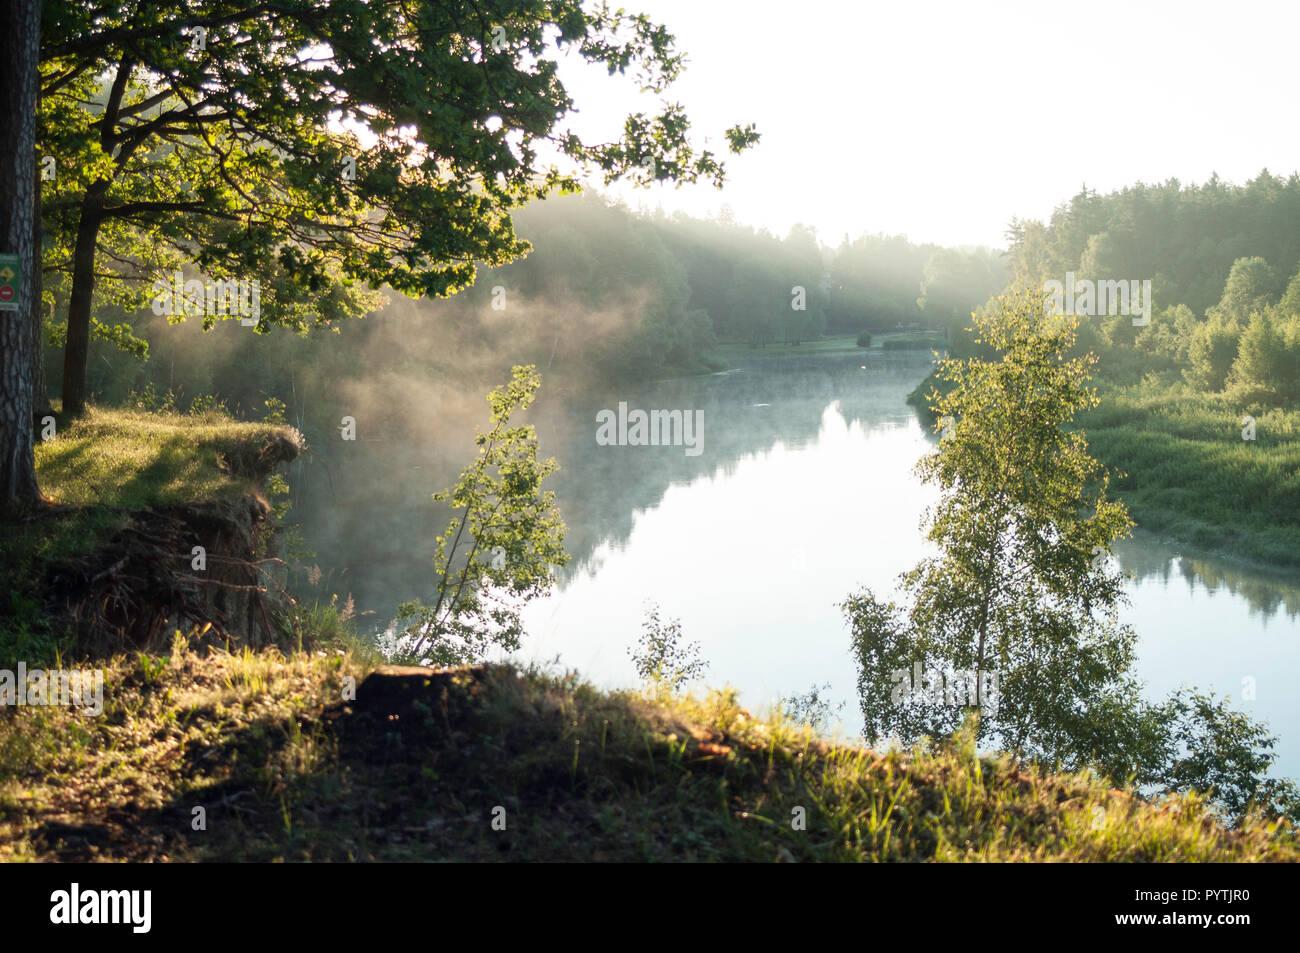 Schönen sonnigen Morgen. Weißer Nebel legt über den Fluss. Stockbild